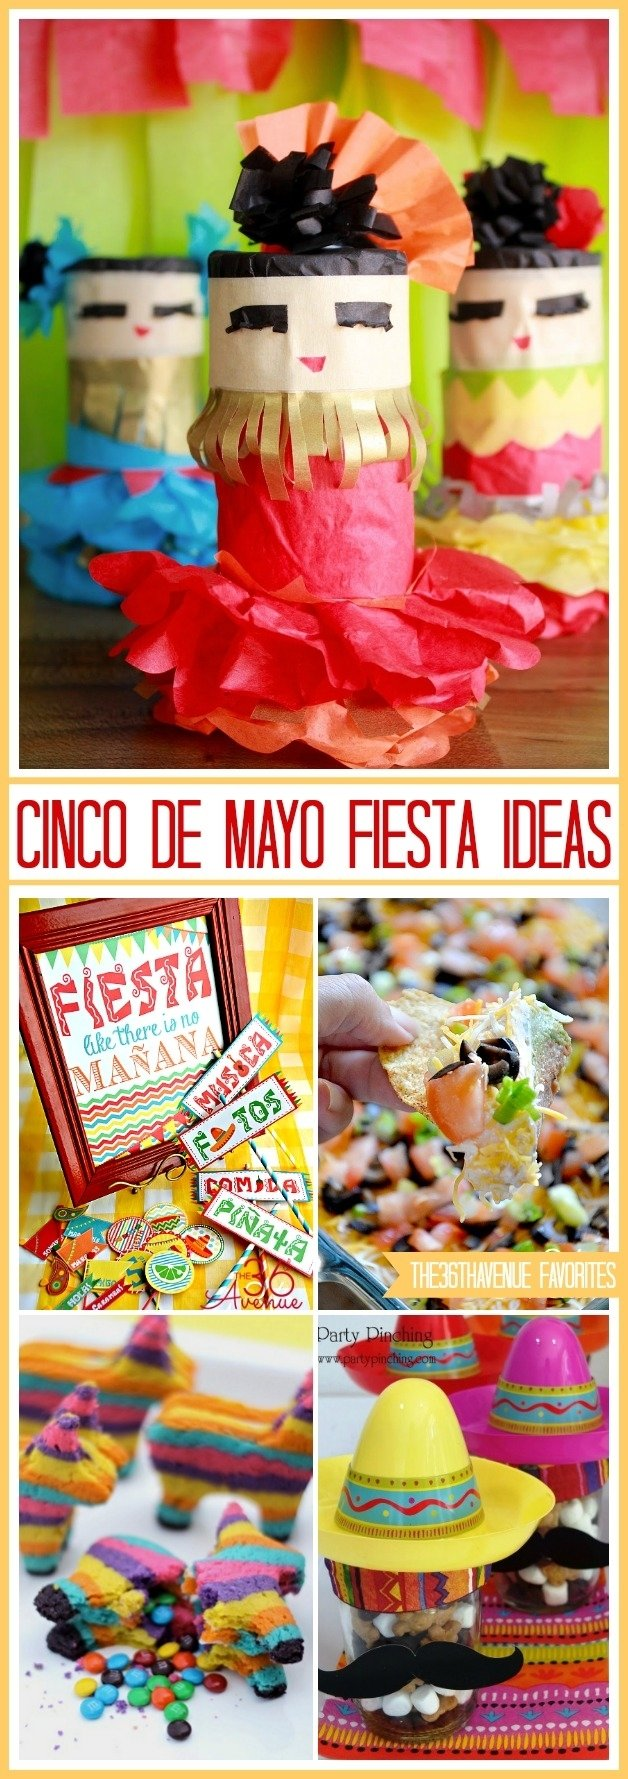 10 Fantastic Ideas For Cinco De Mayo Party cinco de mayo party ideas the 36th avenue 1